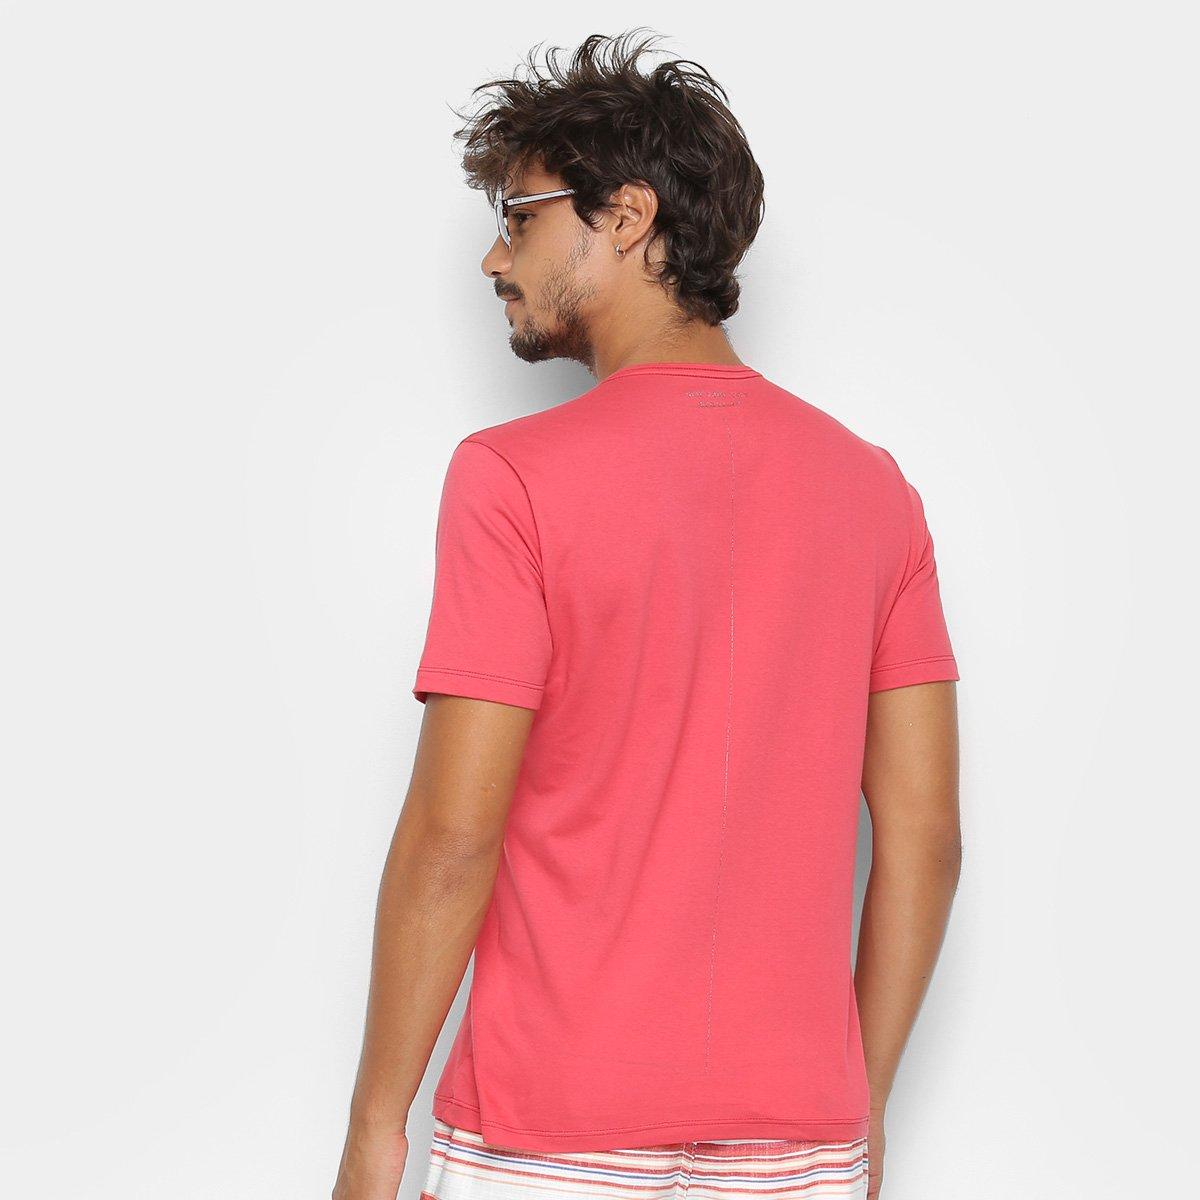 Foto 2 - Camiseta Kohmar Lisa Meia Malha Masculina